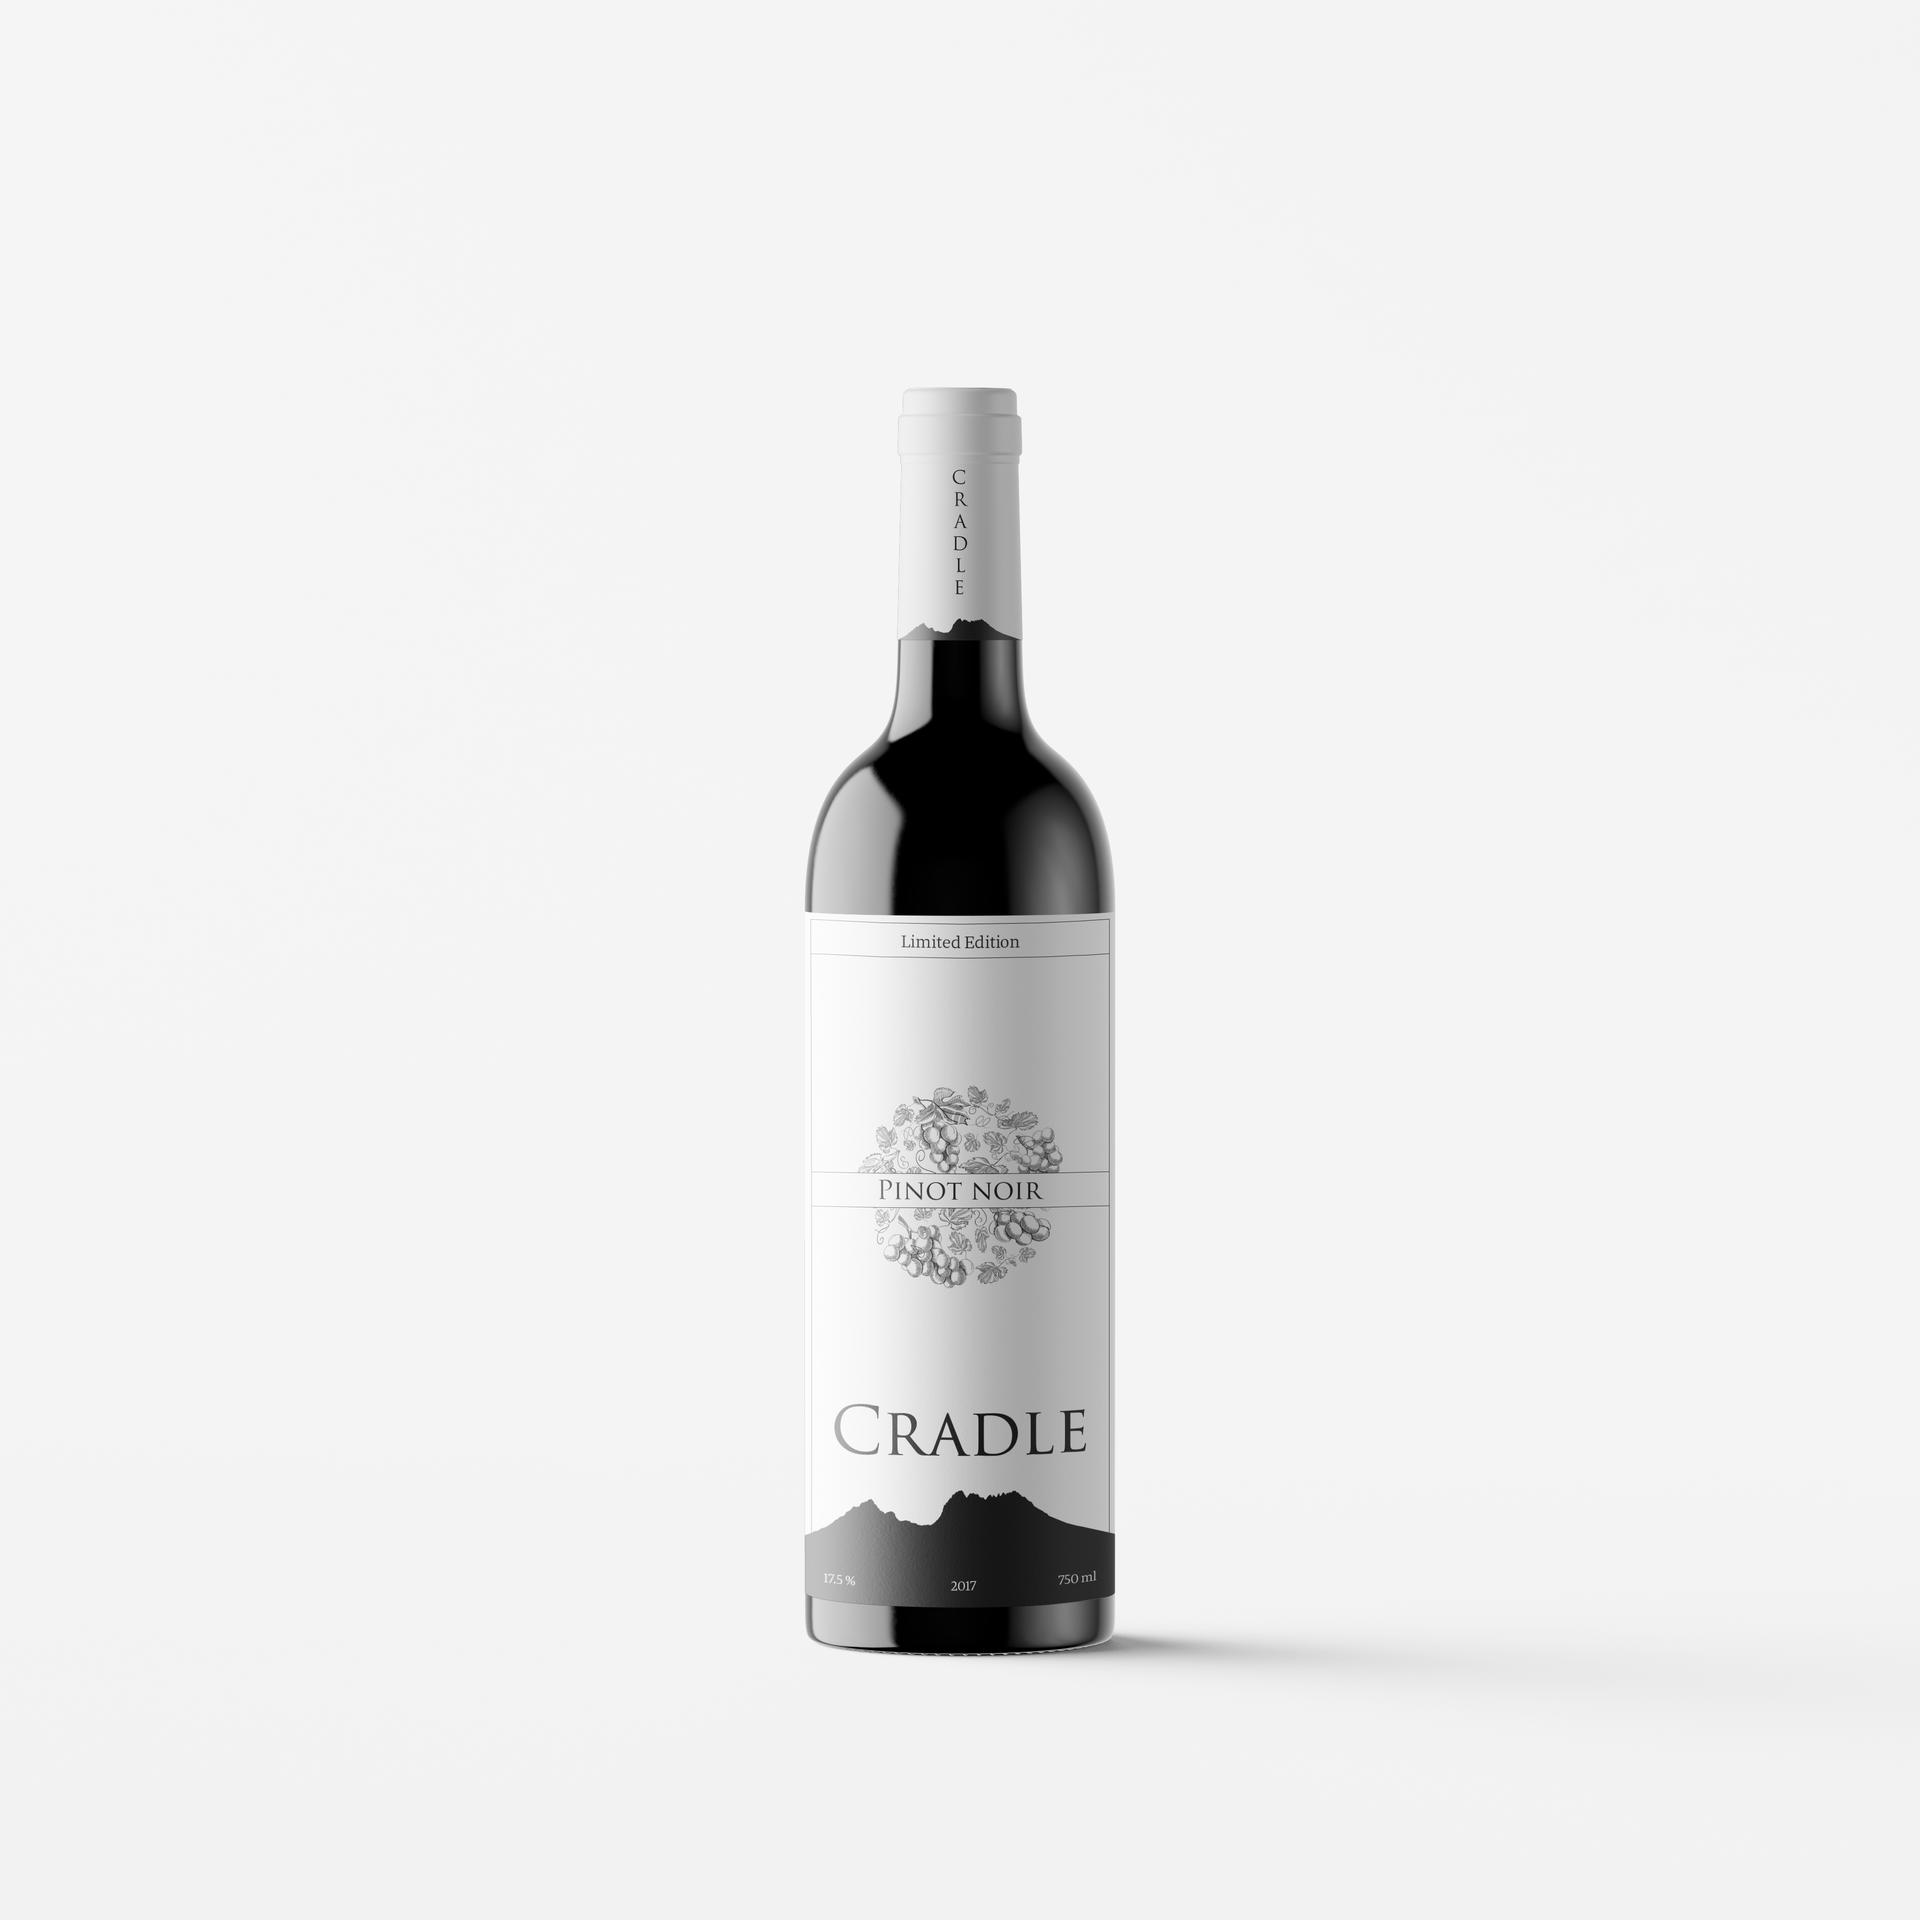 Cradle - Pinot Noir